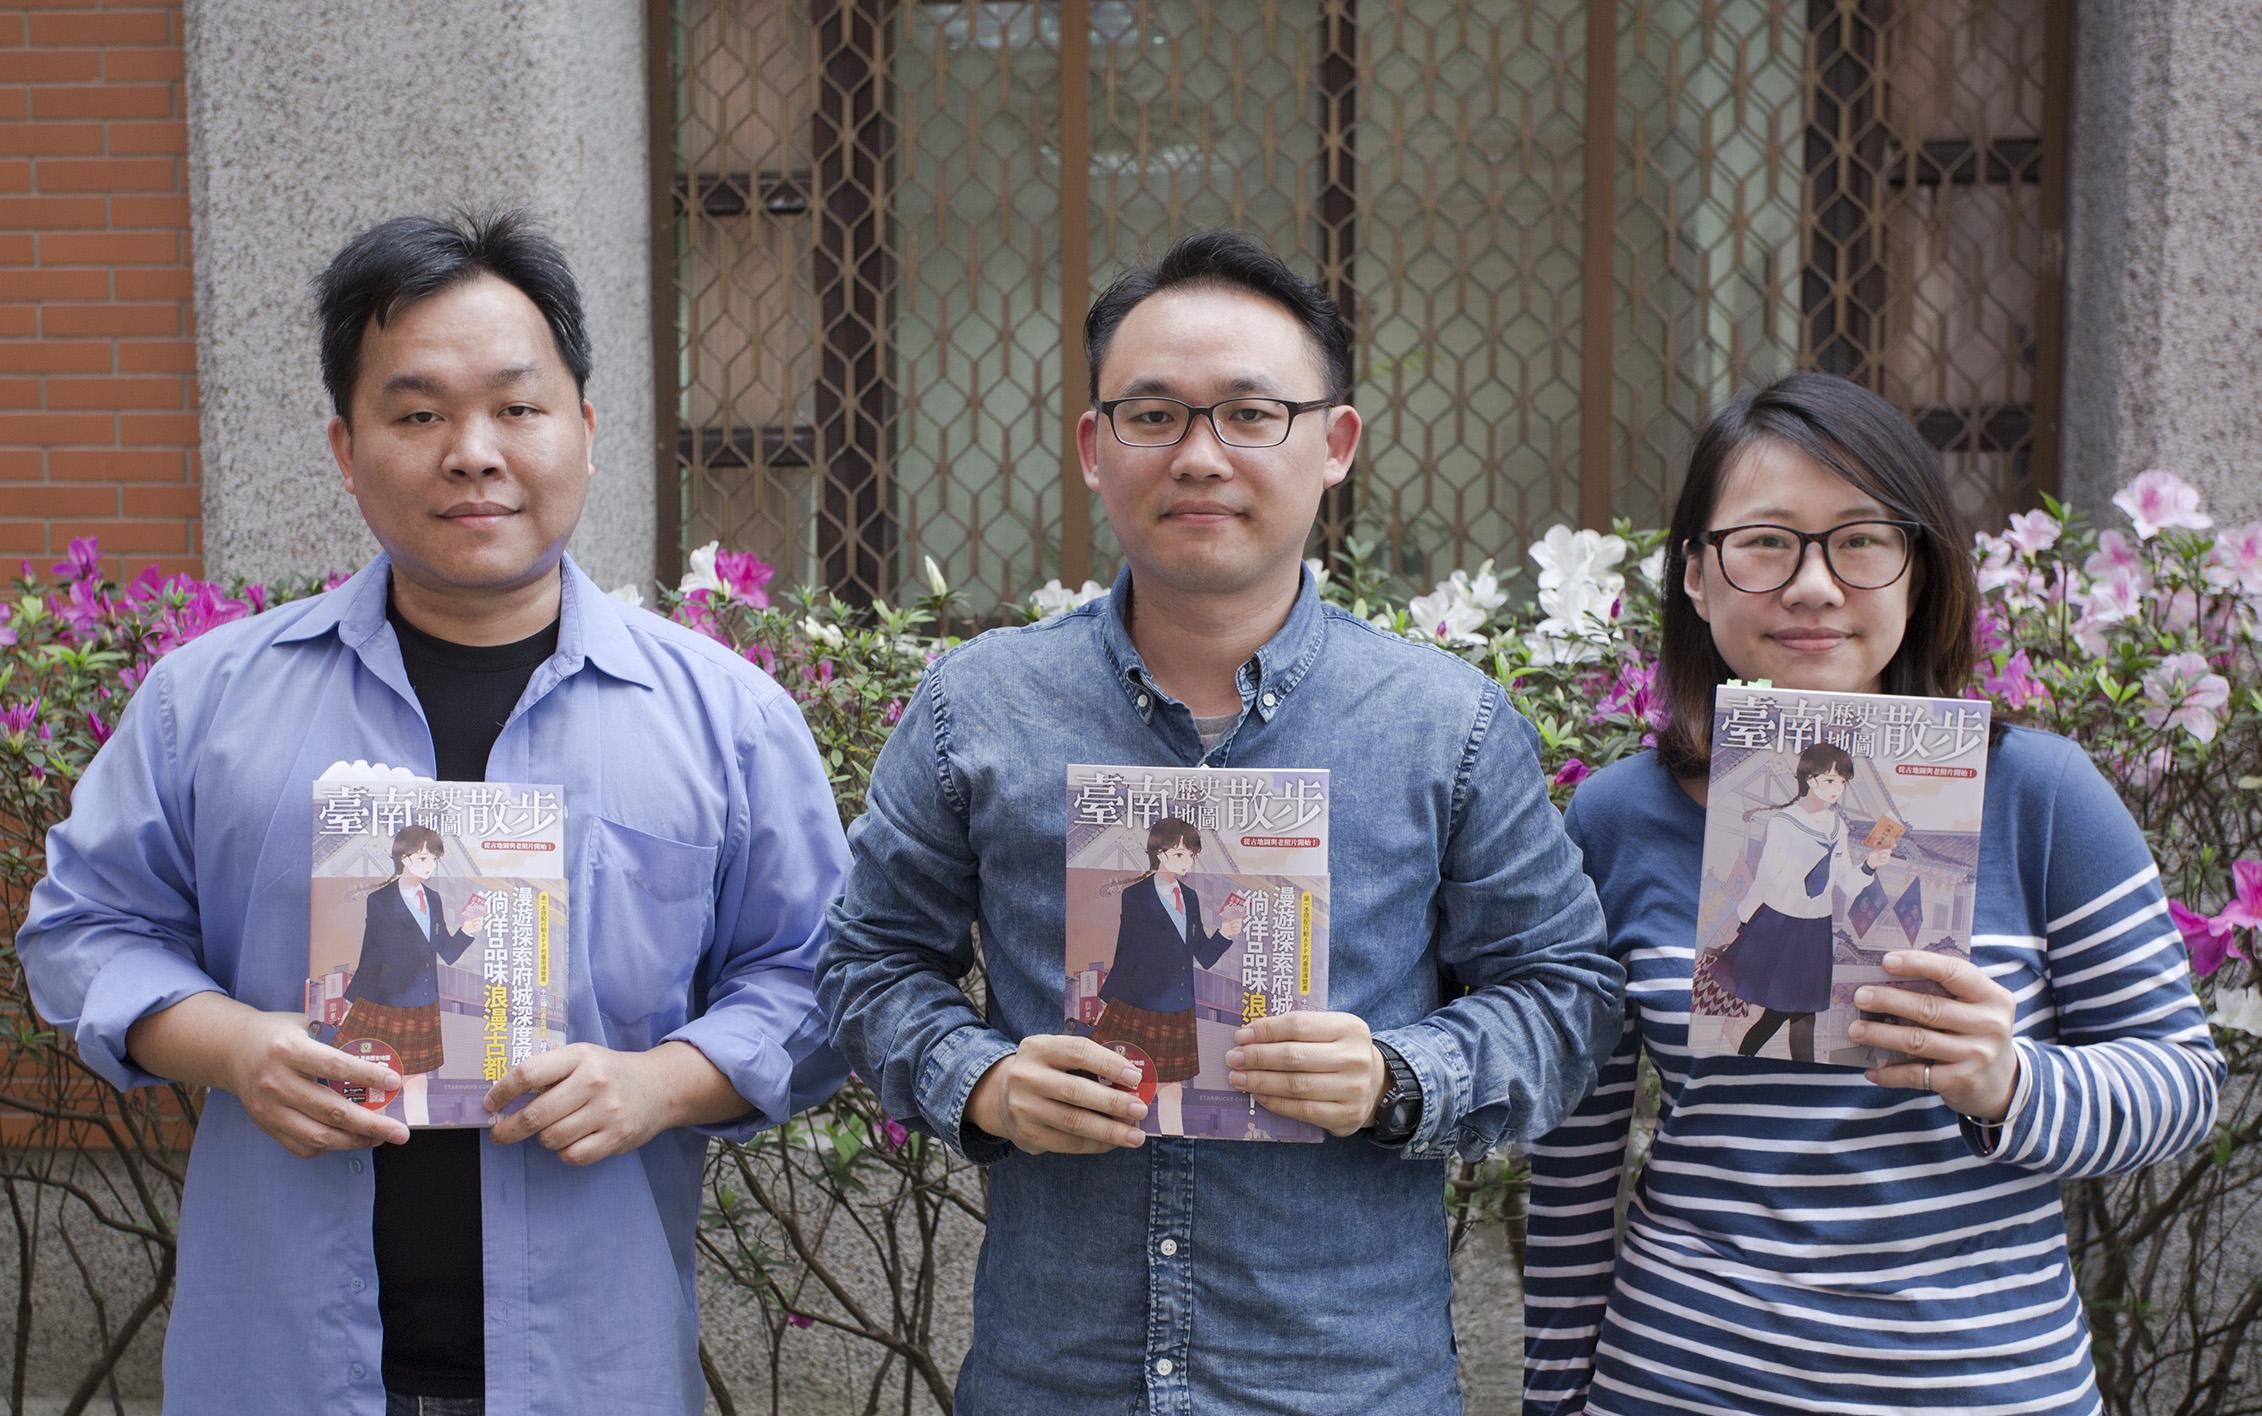 《臺南歷史地圖散步》團隊,由左至右分別為:編輯賴國峰、作者之一曾令毅、主編李佳卉。攝影│林洵安